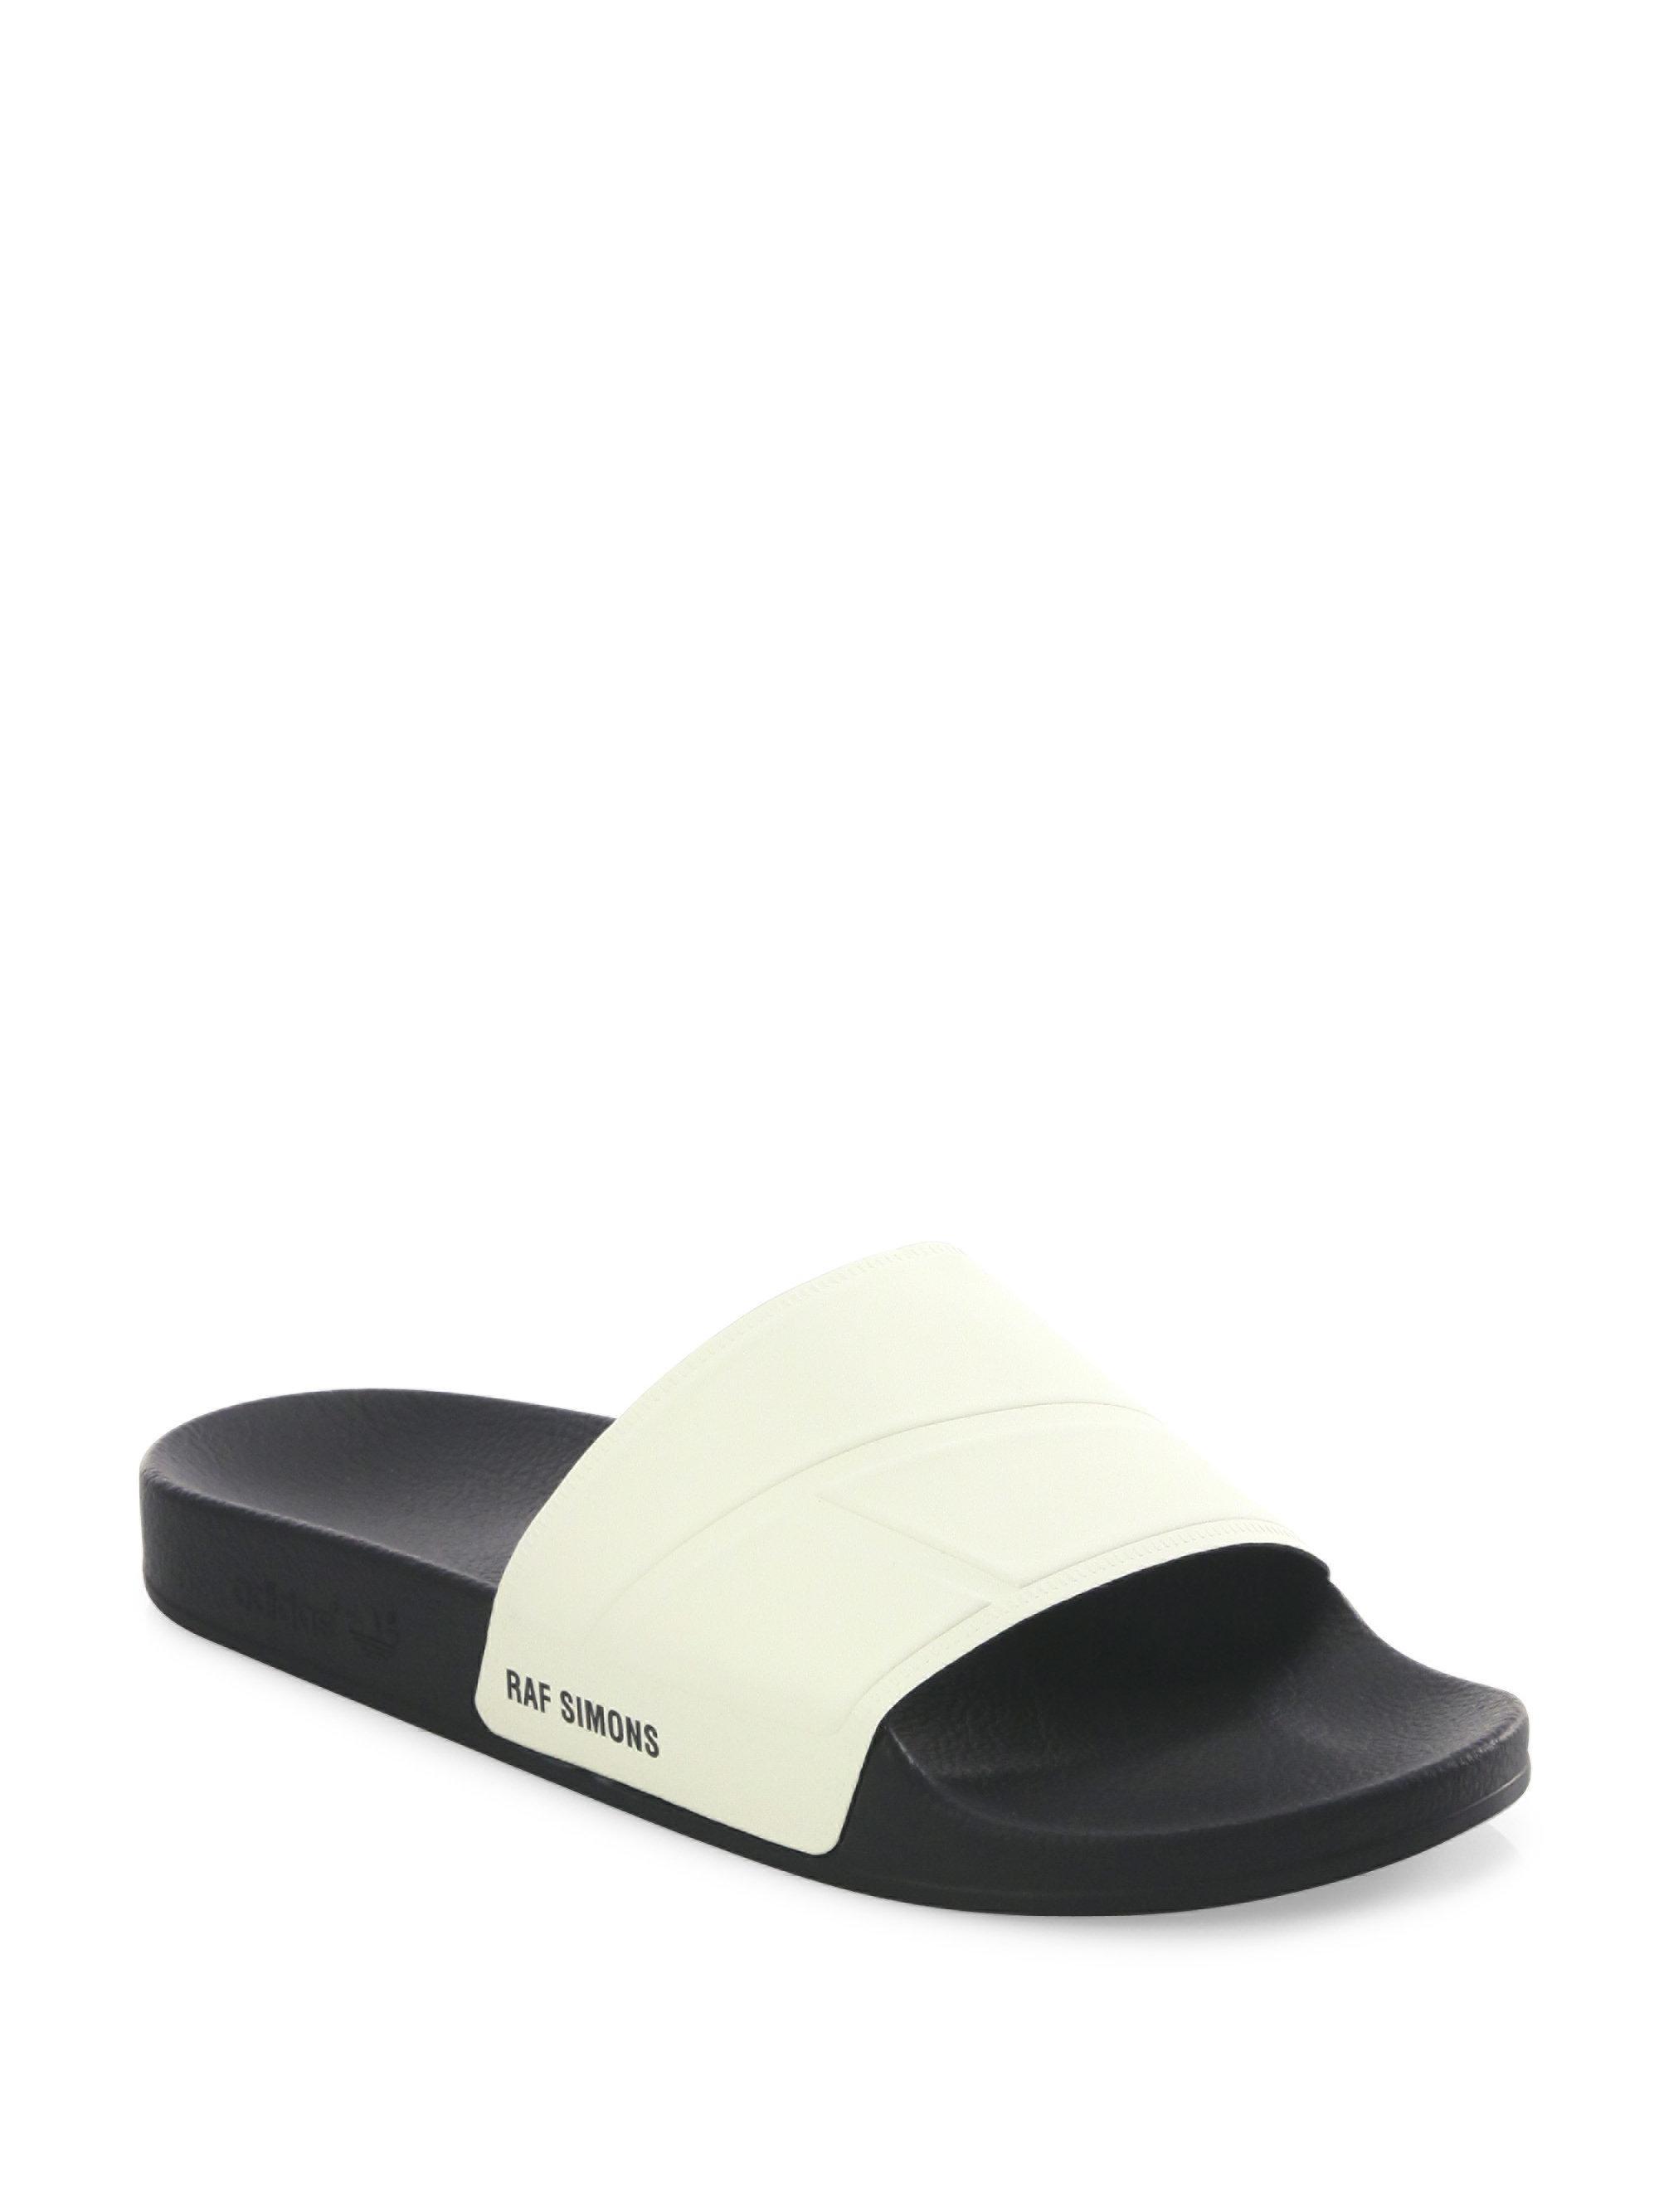 6c9e77bde377 adidas By Raf Simons Bunny Adilette Rubber Slides in Black for Men ...